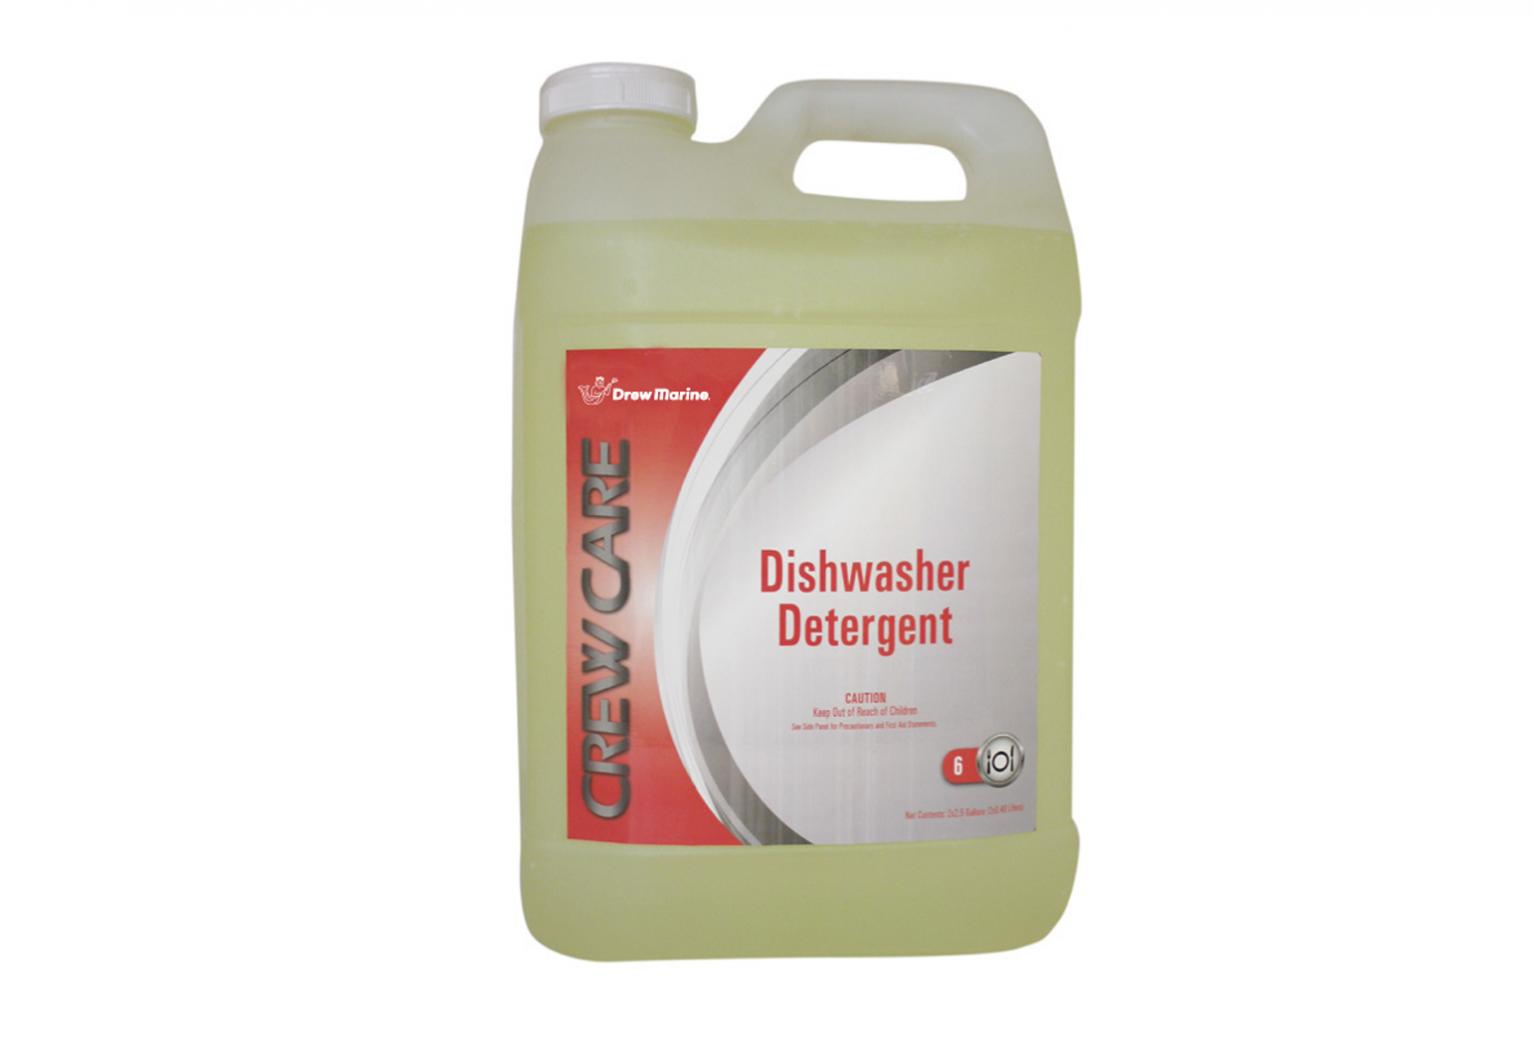 Dishwasher_detergent_1544x1062.png